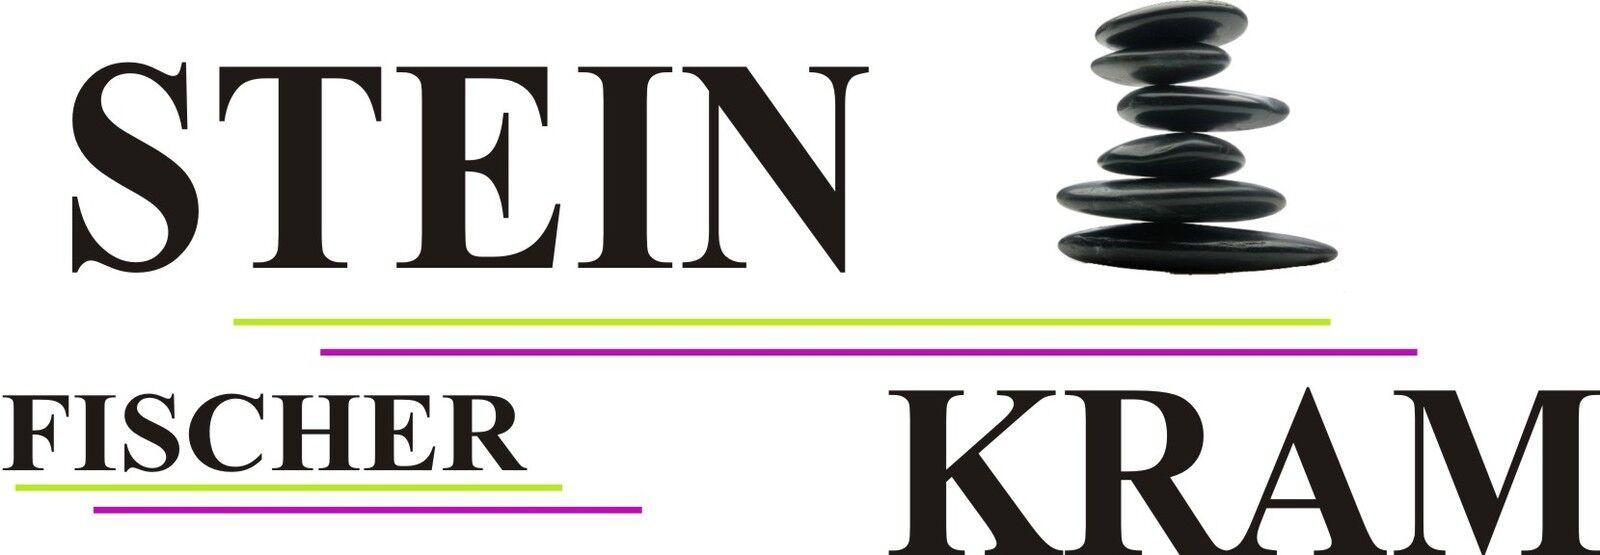 Stein-Kram